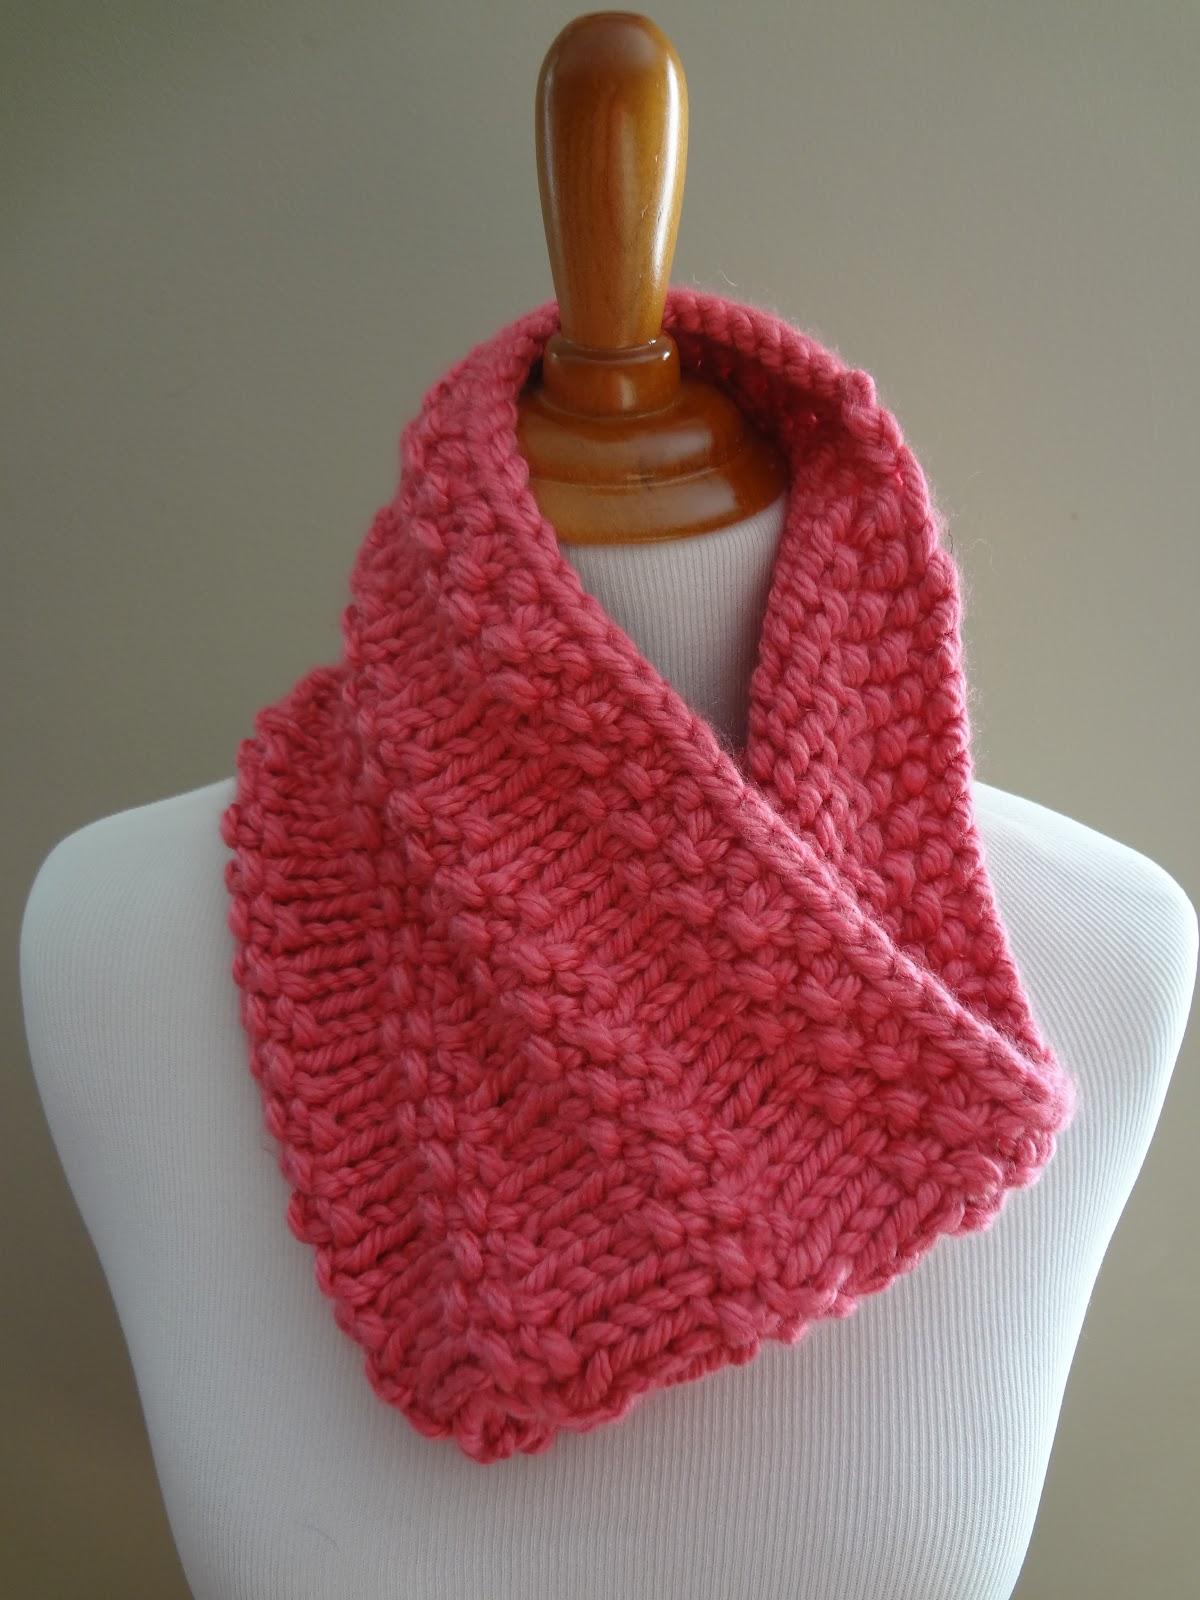 Knit Cowl Pattern | A Knitting Blog